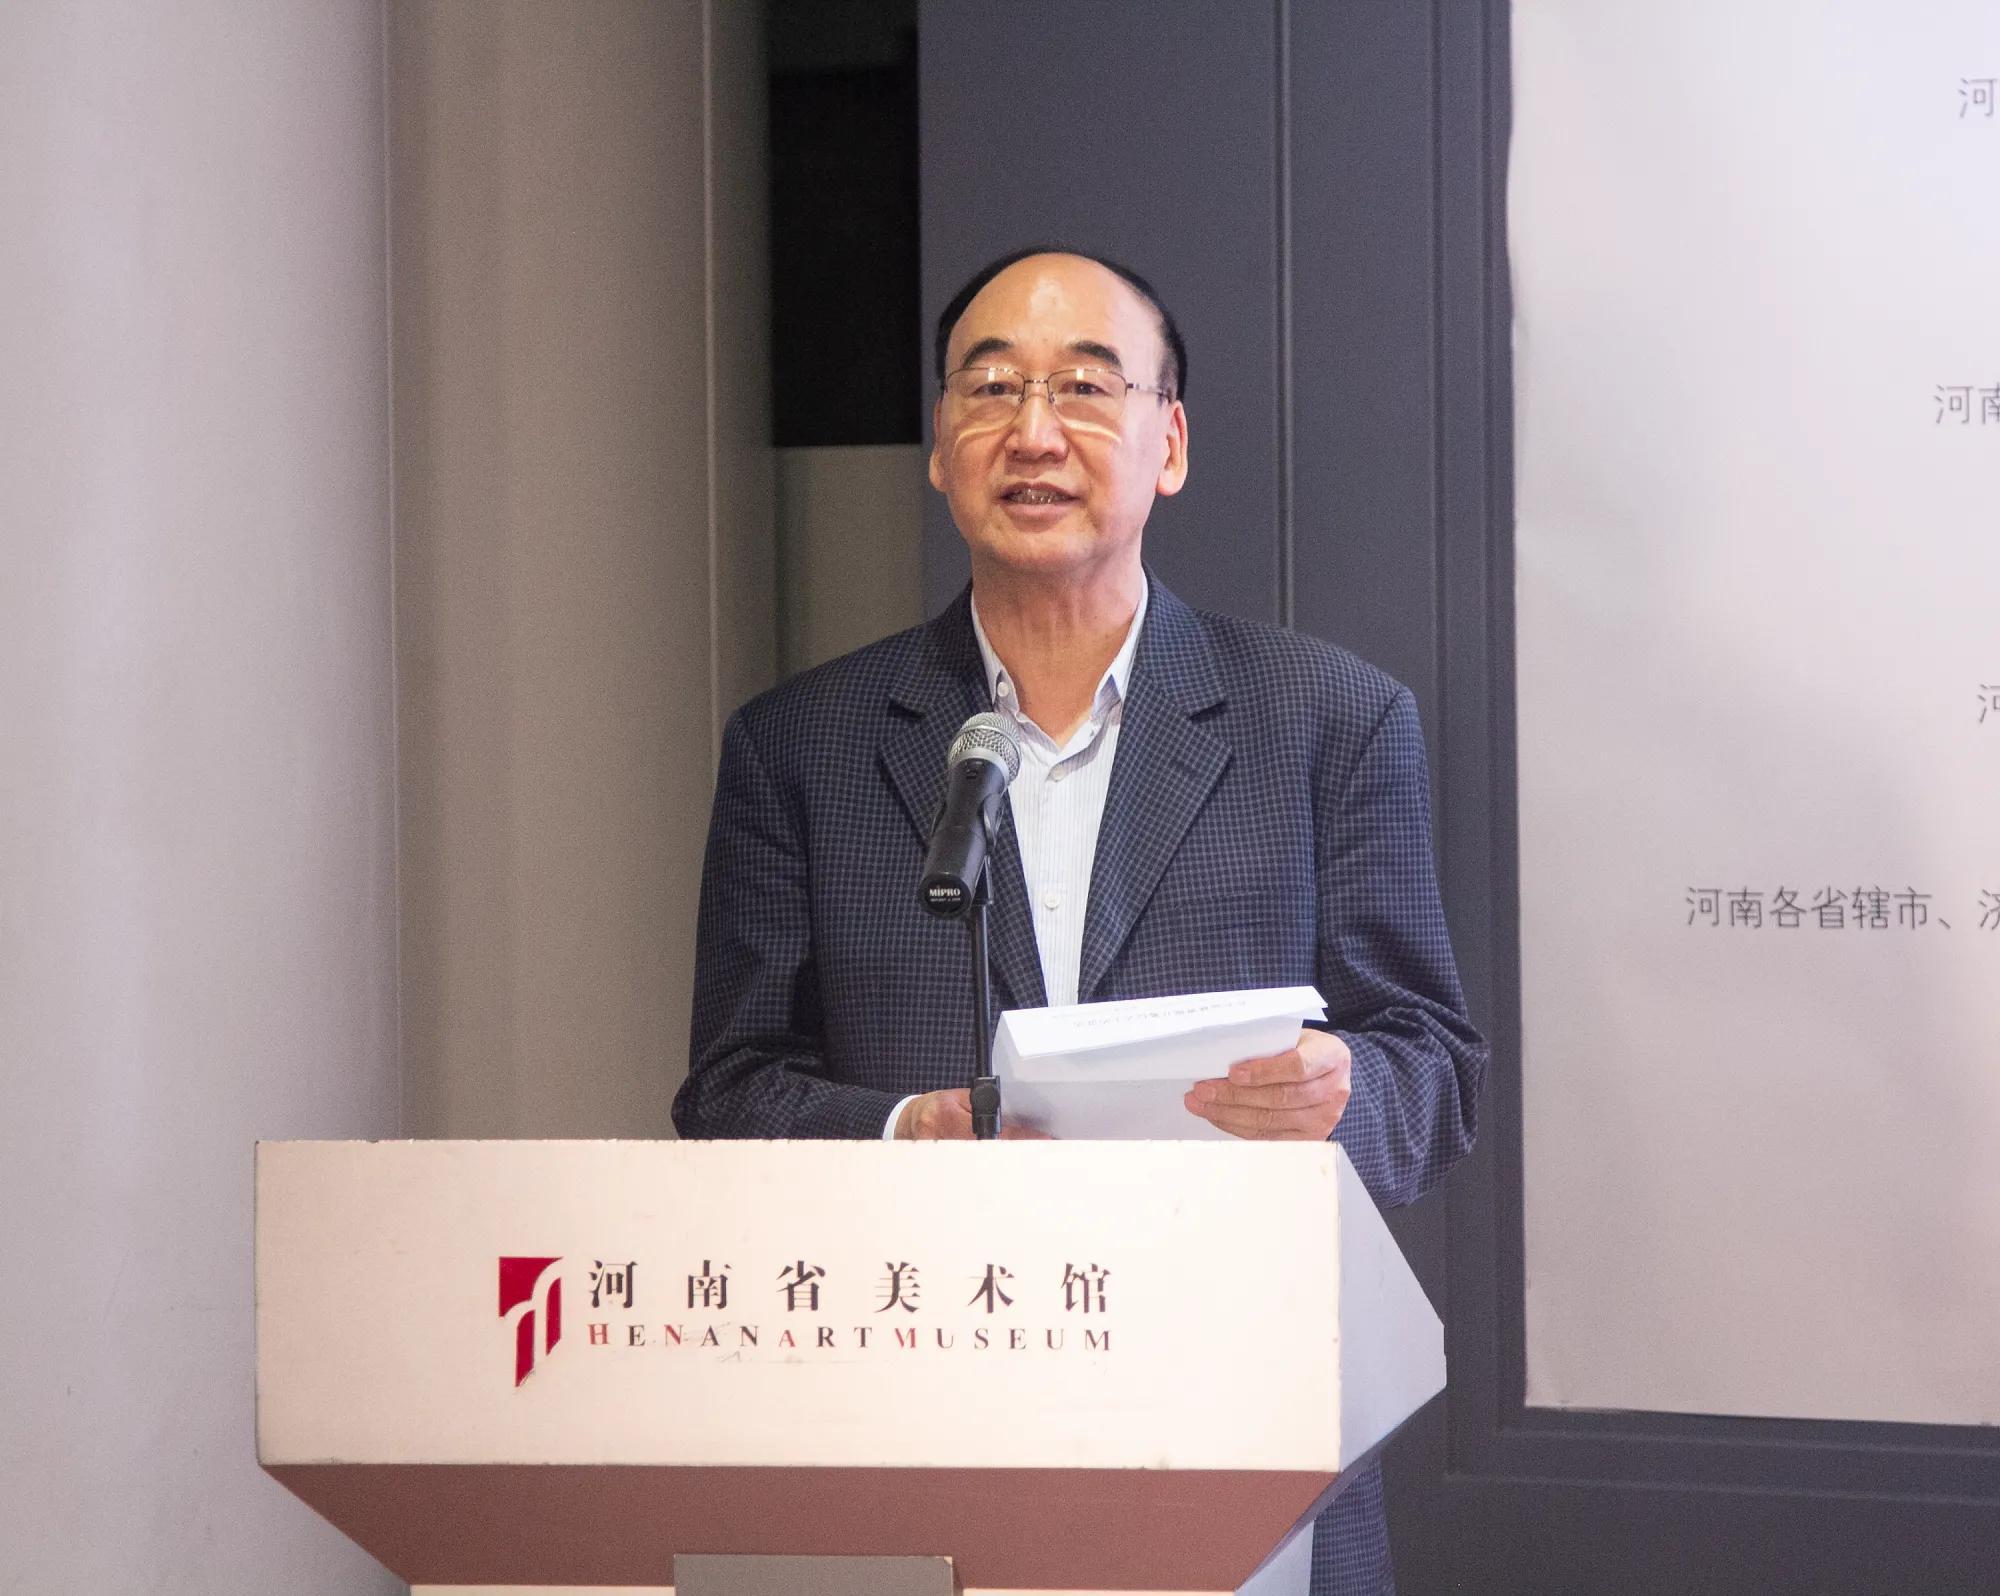 河南郑州举办书画慈善展免费向社会开放